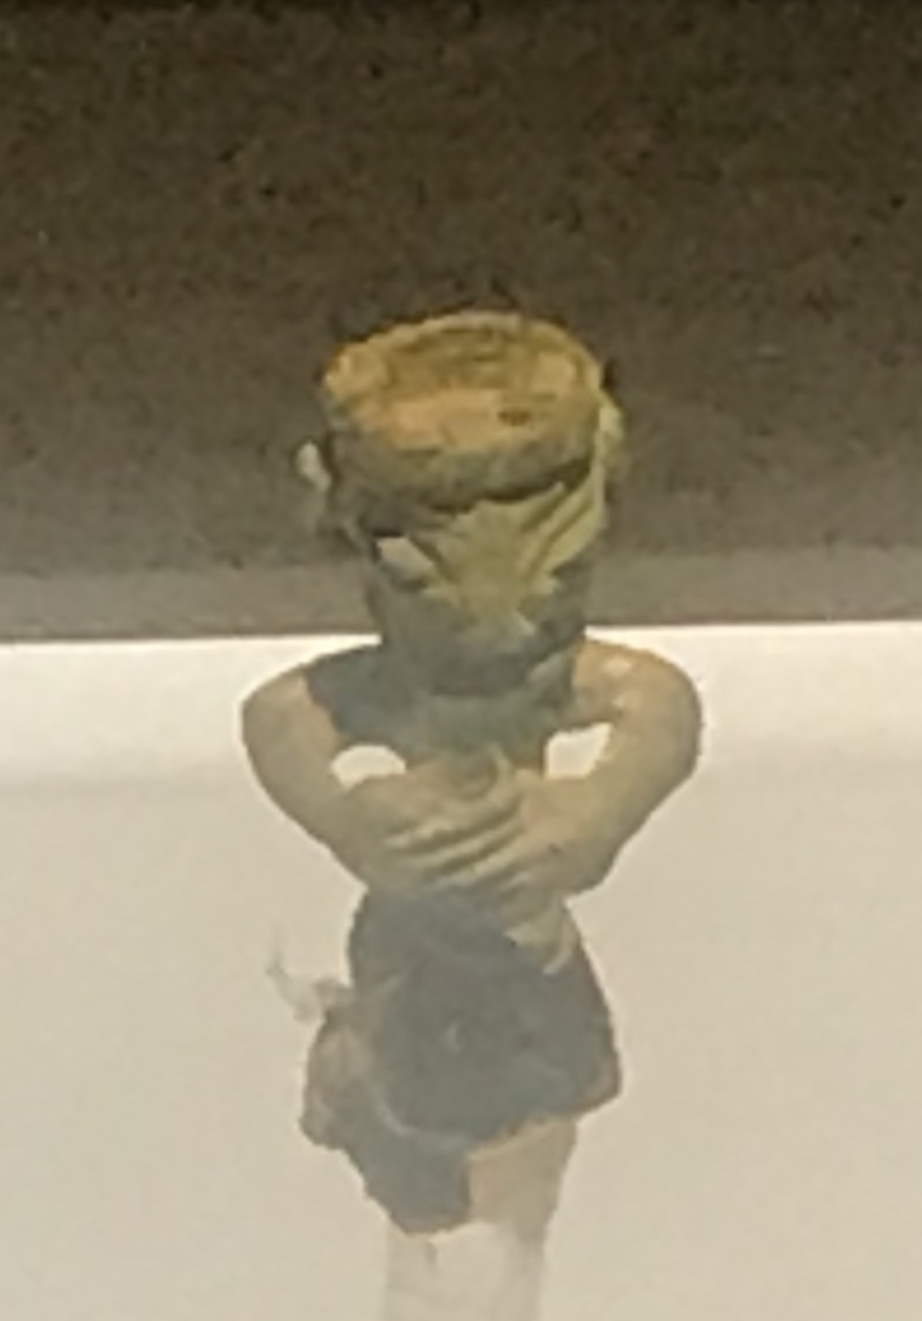 青銅小立人像-青銅器館-三星堆博物館-広漢市-徳陽市-四川省